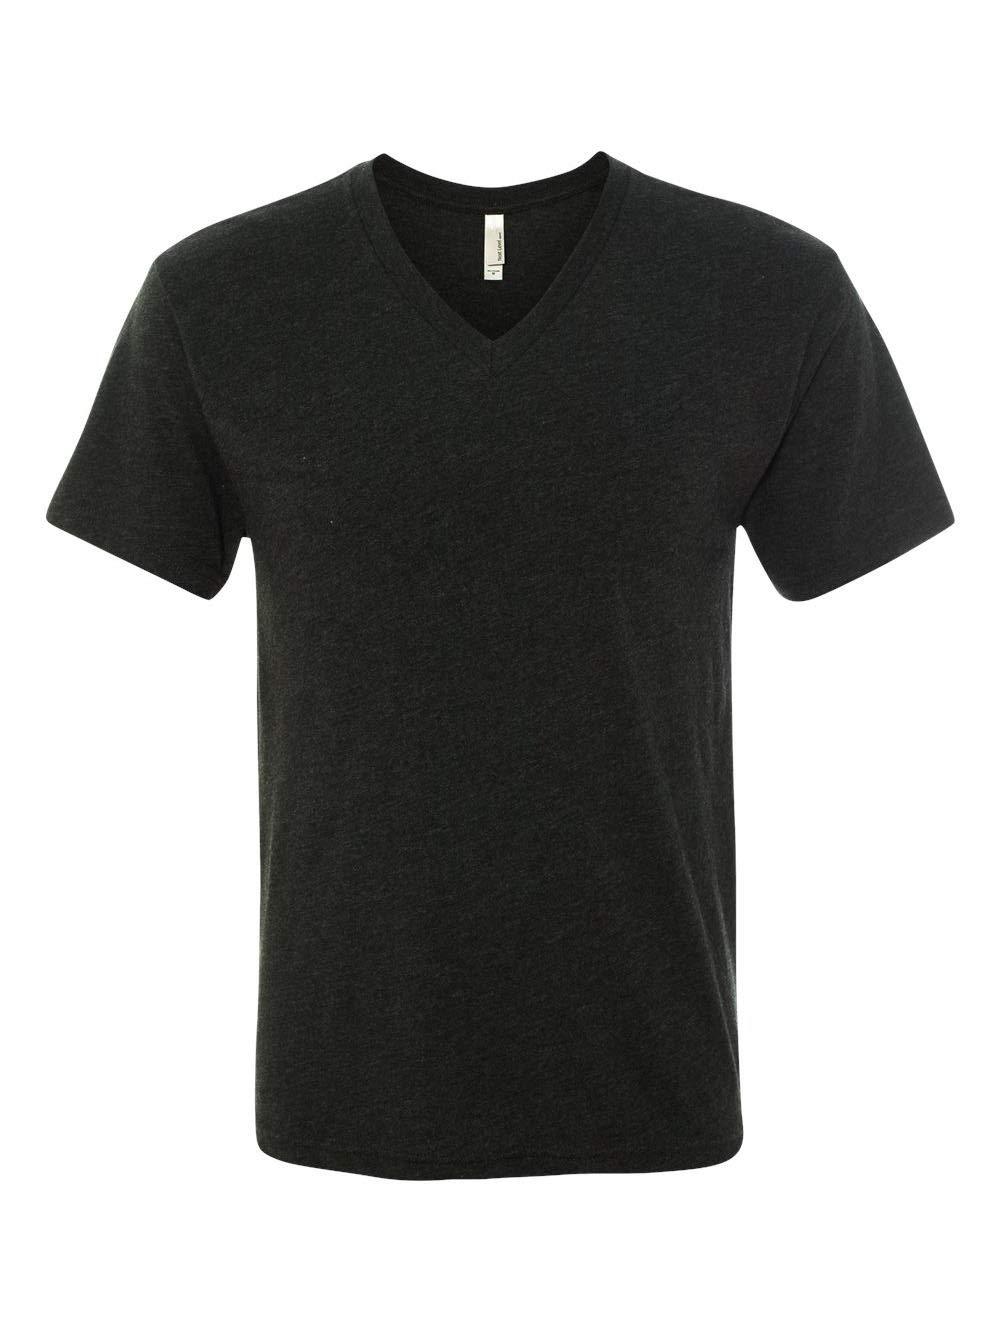 Next Level 6040 Men's Tri-Blend V - XX-Large - Vintage Black